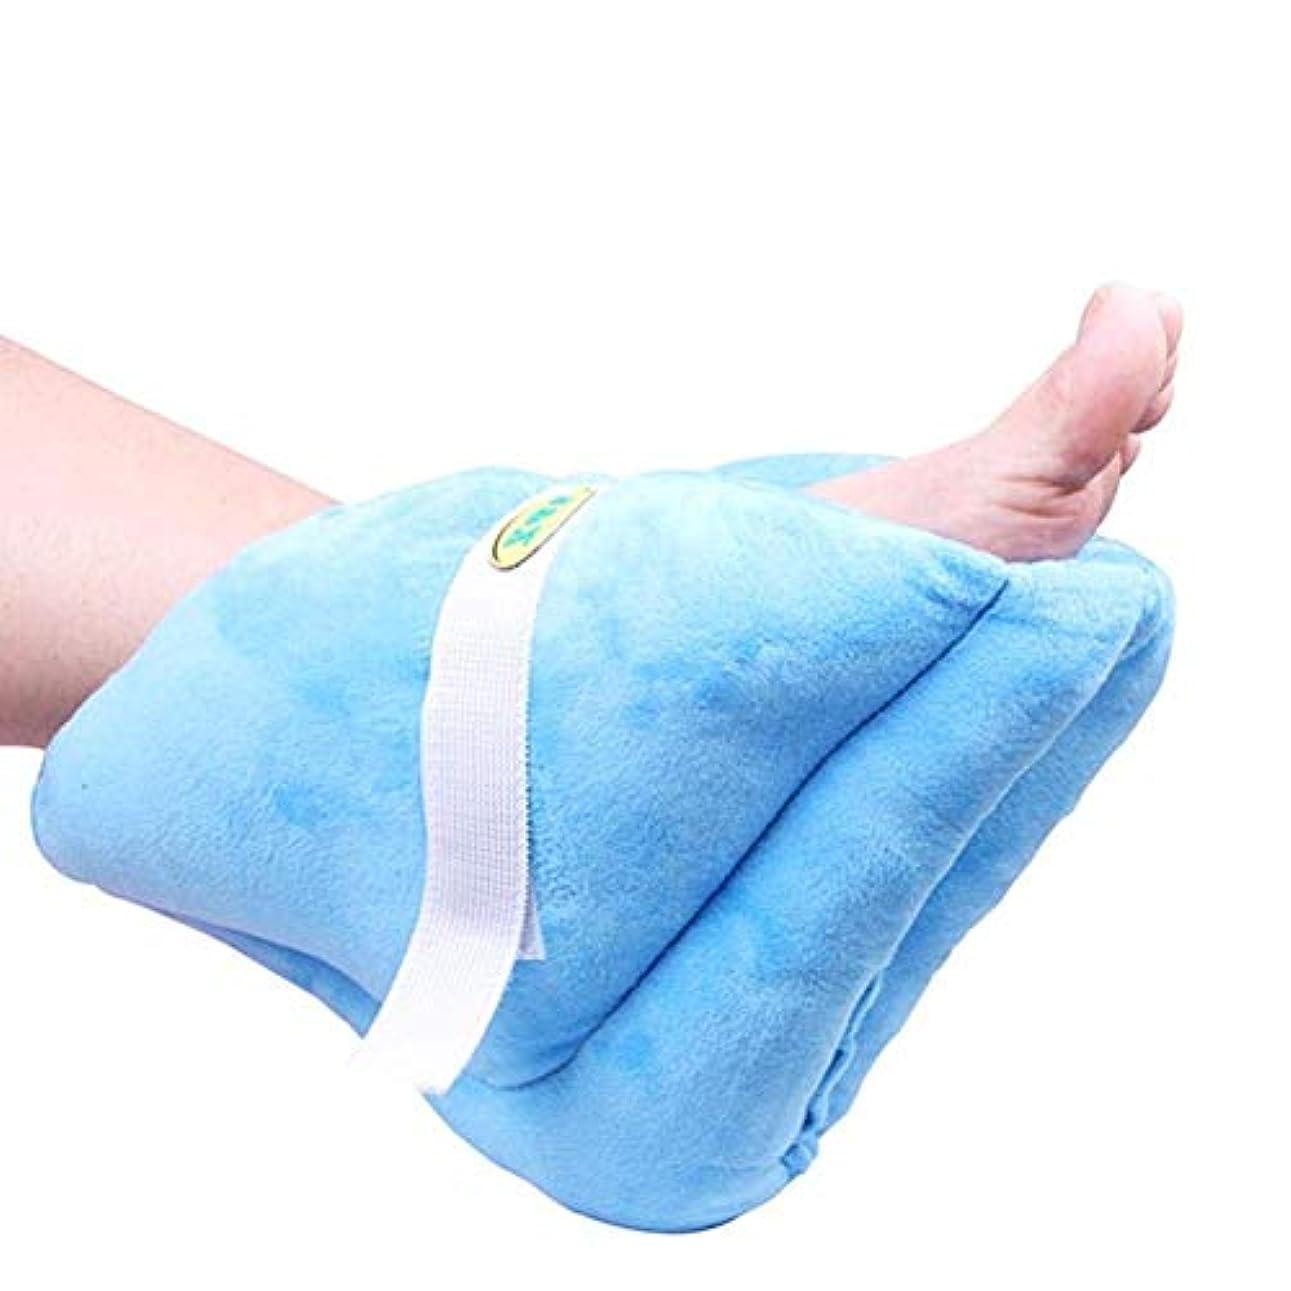 カビ本当に宮殿ヒールプロテクタークッション - フットプロテクターピローブーツ - 褥瘡の予防と足圧を軽減するためのフットサポートピロー